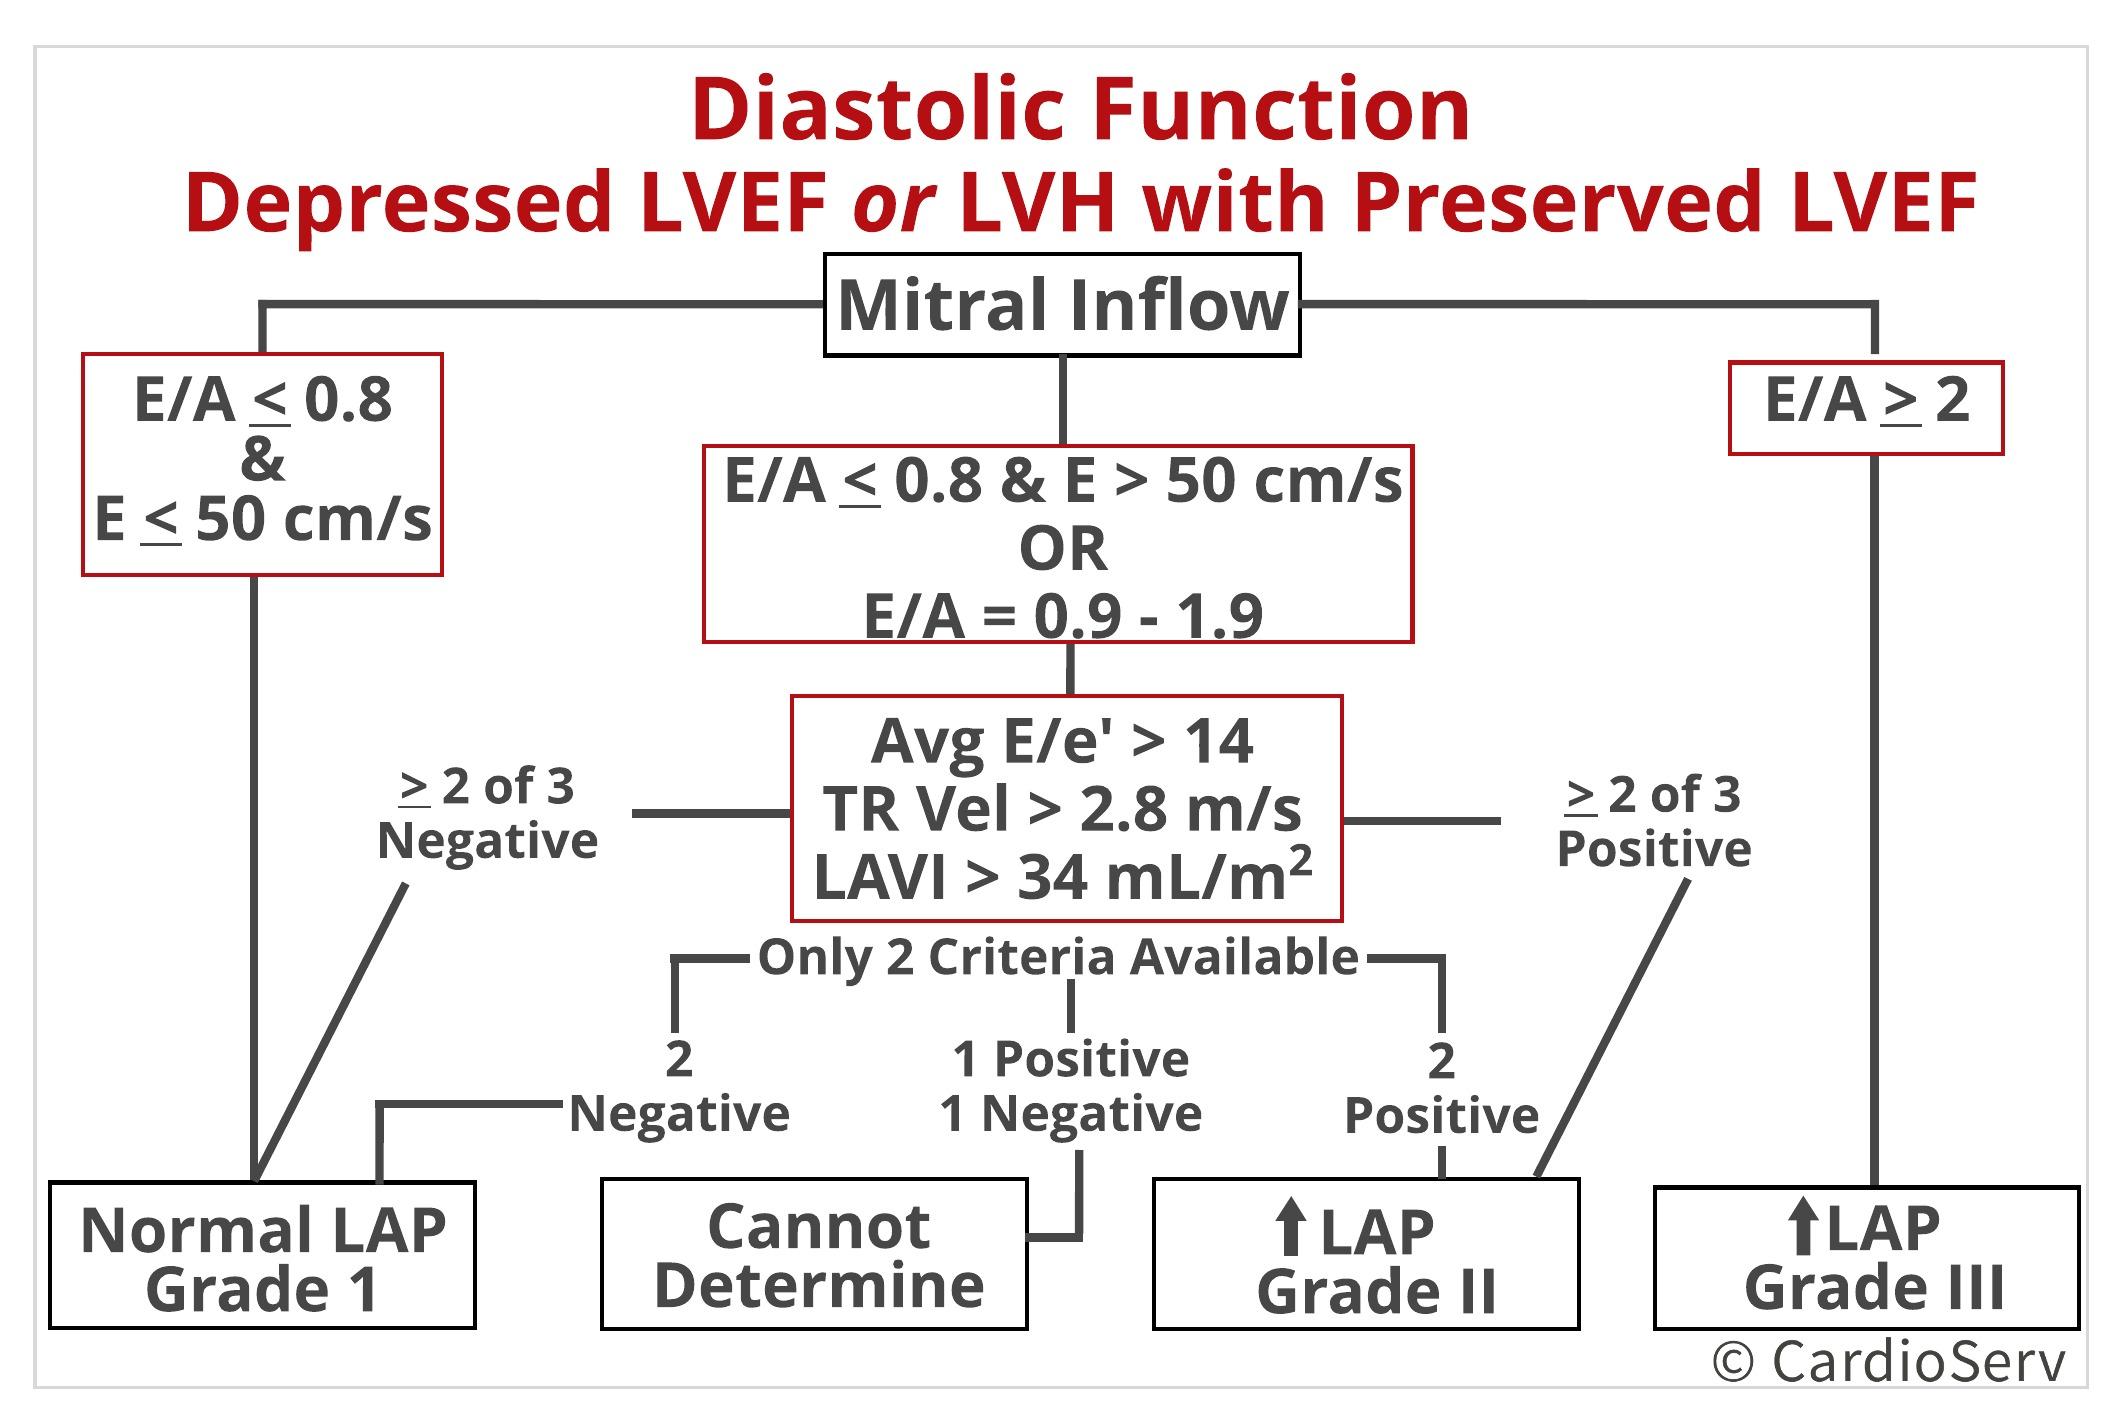 Diastolic Function Algorithm Depressed LVEF or LVH with Preserved LVEF